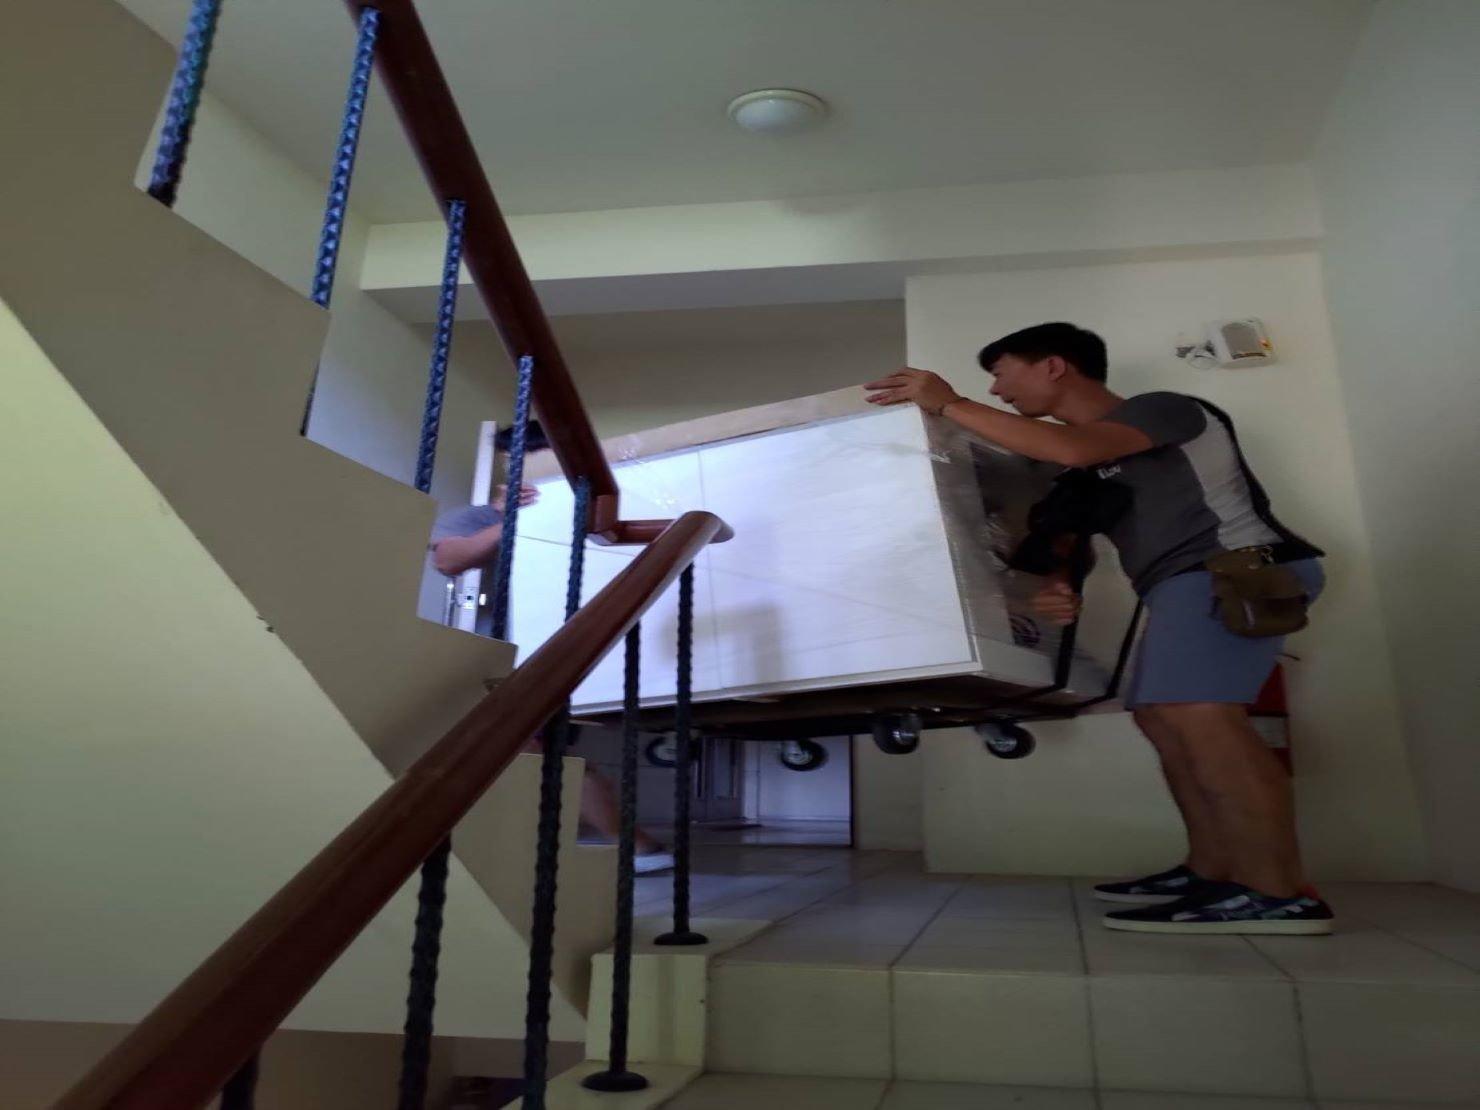 搬魚缸【榮福搬家】搬重物、搬金庫、台北搬家推薦:大型魚缸-從1樓走樓梯搬運至8樓,師傅用的不只是強而有力的雙臂,也有高超的搬運技巧